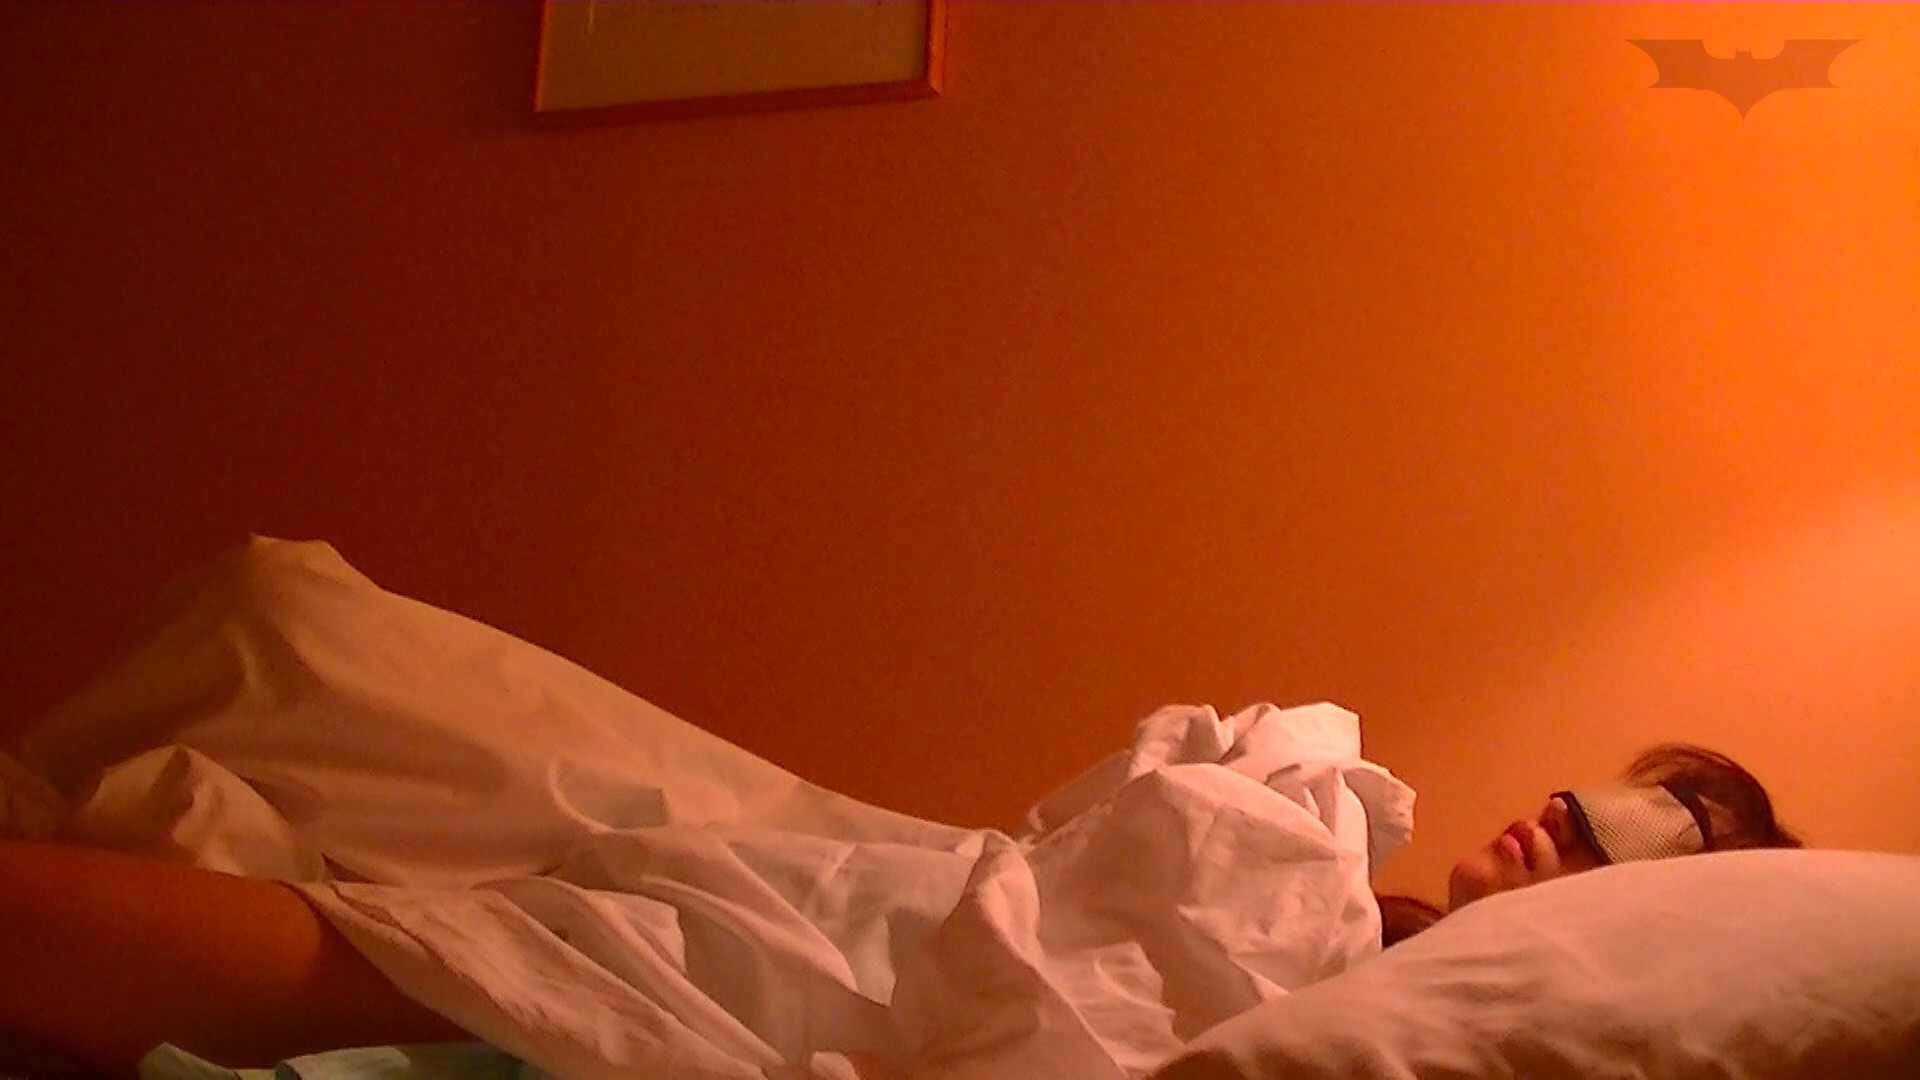 高画質フルハイビジョン 影 対 mika rena riho 女子会三人旅 ラブホテル オメコ無修正動画無料 89枚 25